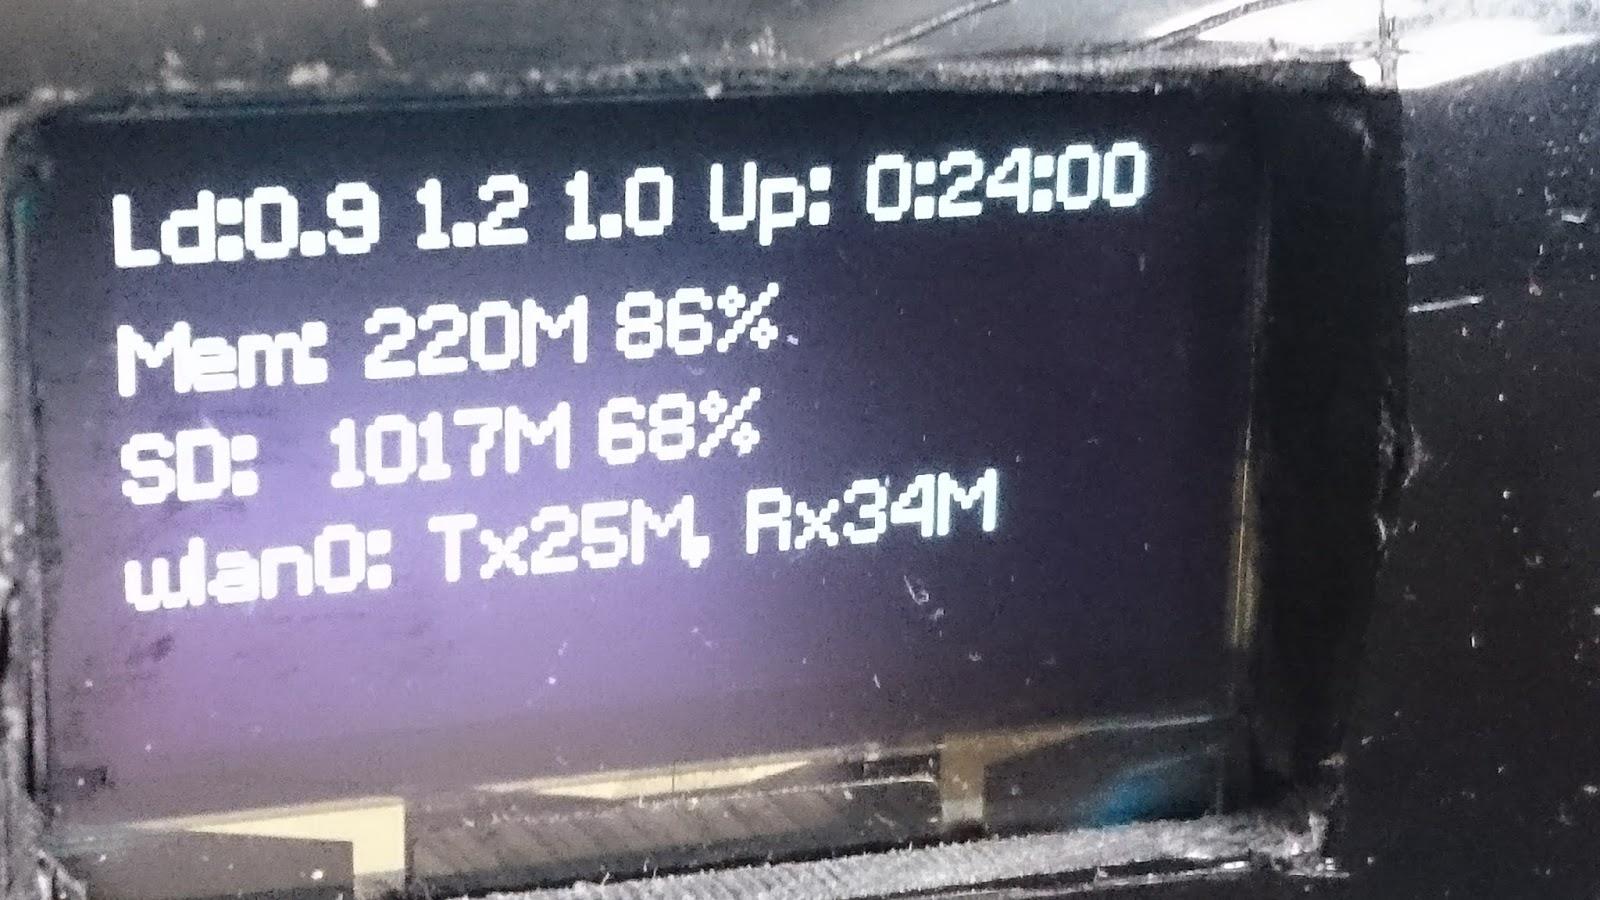 RaspberryPi - Volumio - OLED Display (1 3